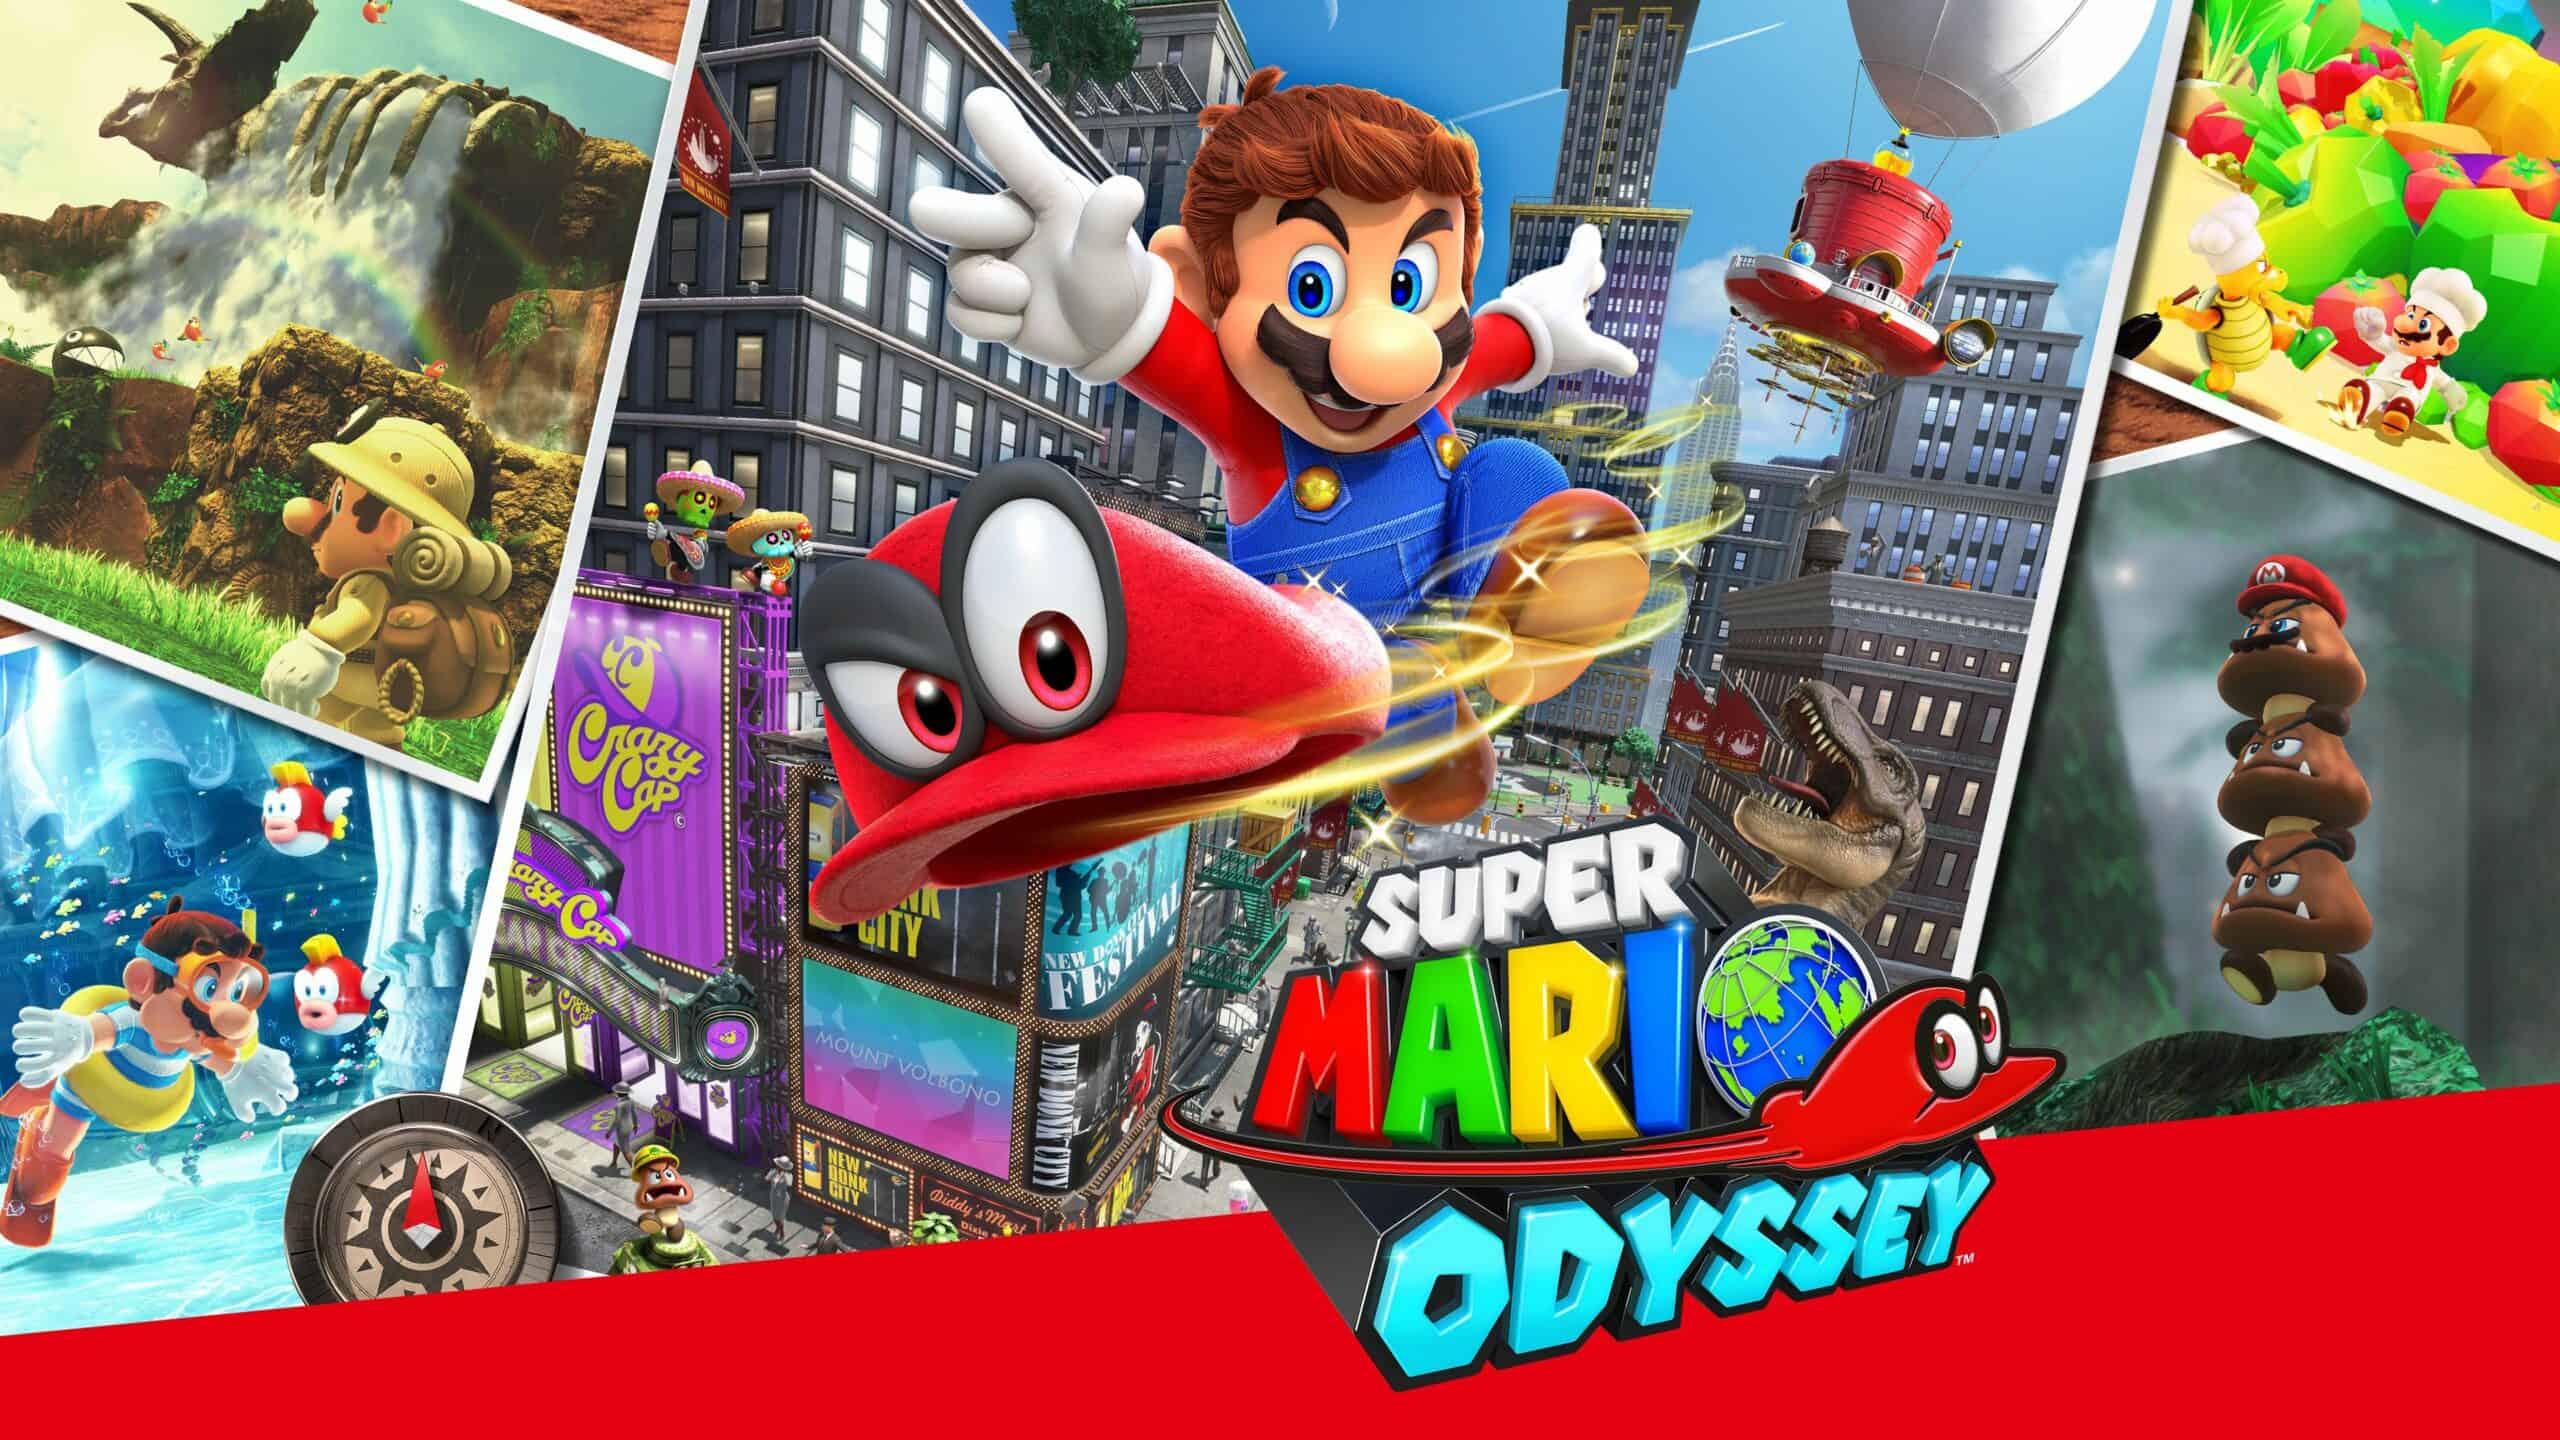 Best Super Mario Games - Super Mario Odyssey